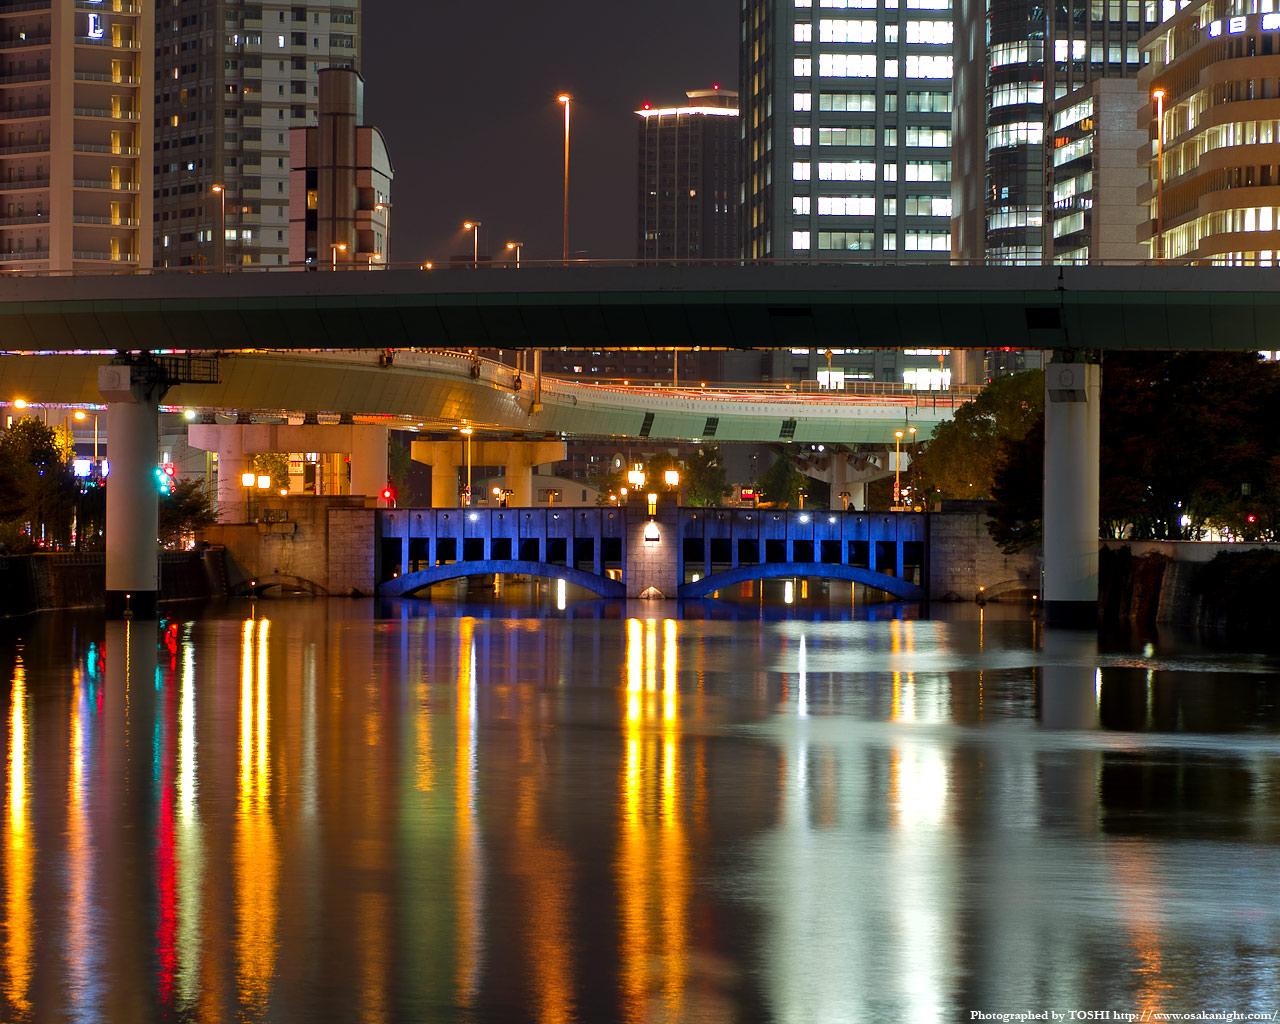 錦橋のライトアップ夜景1